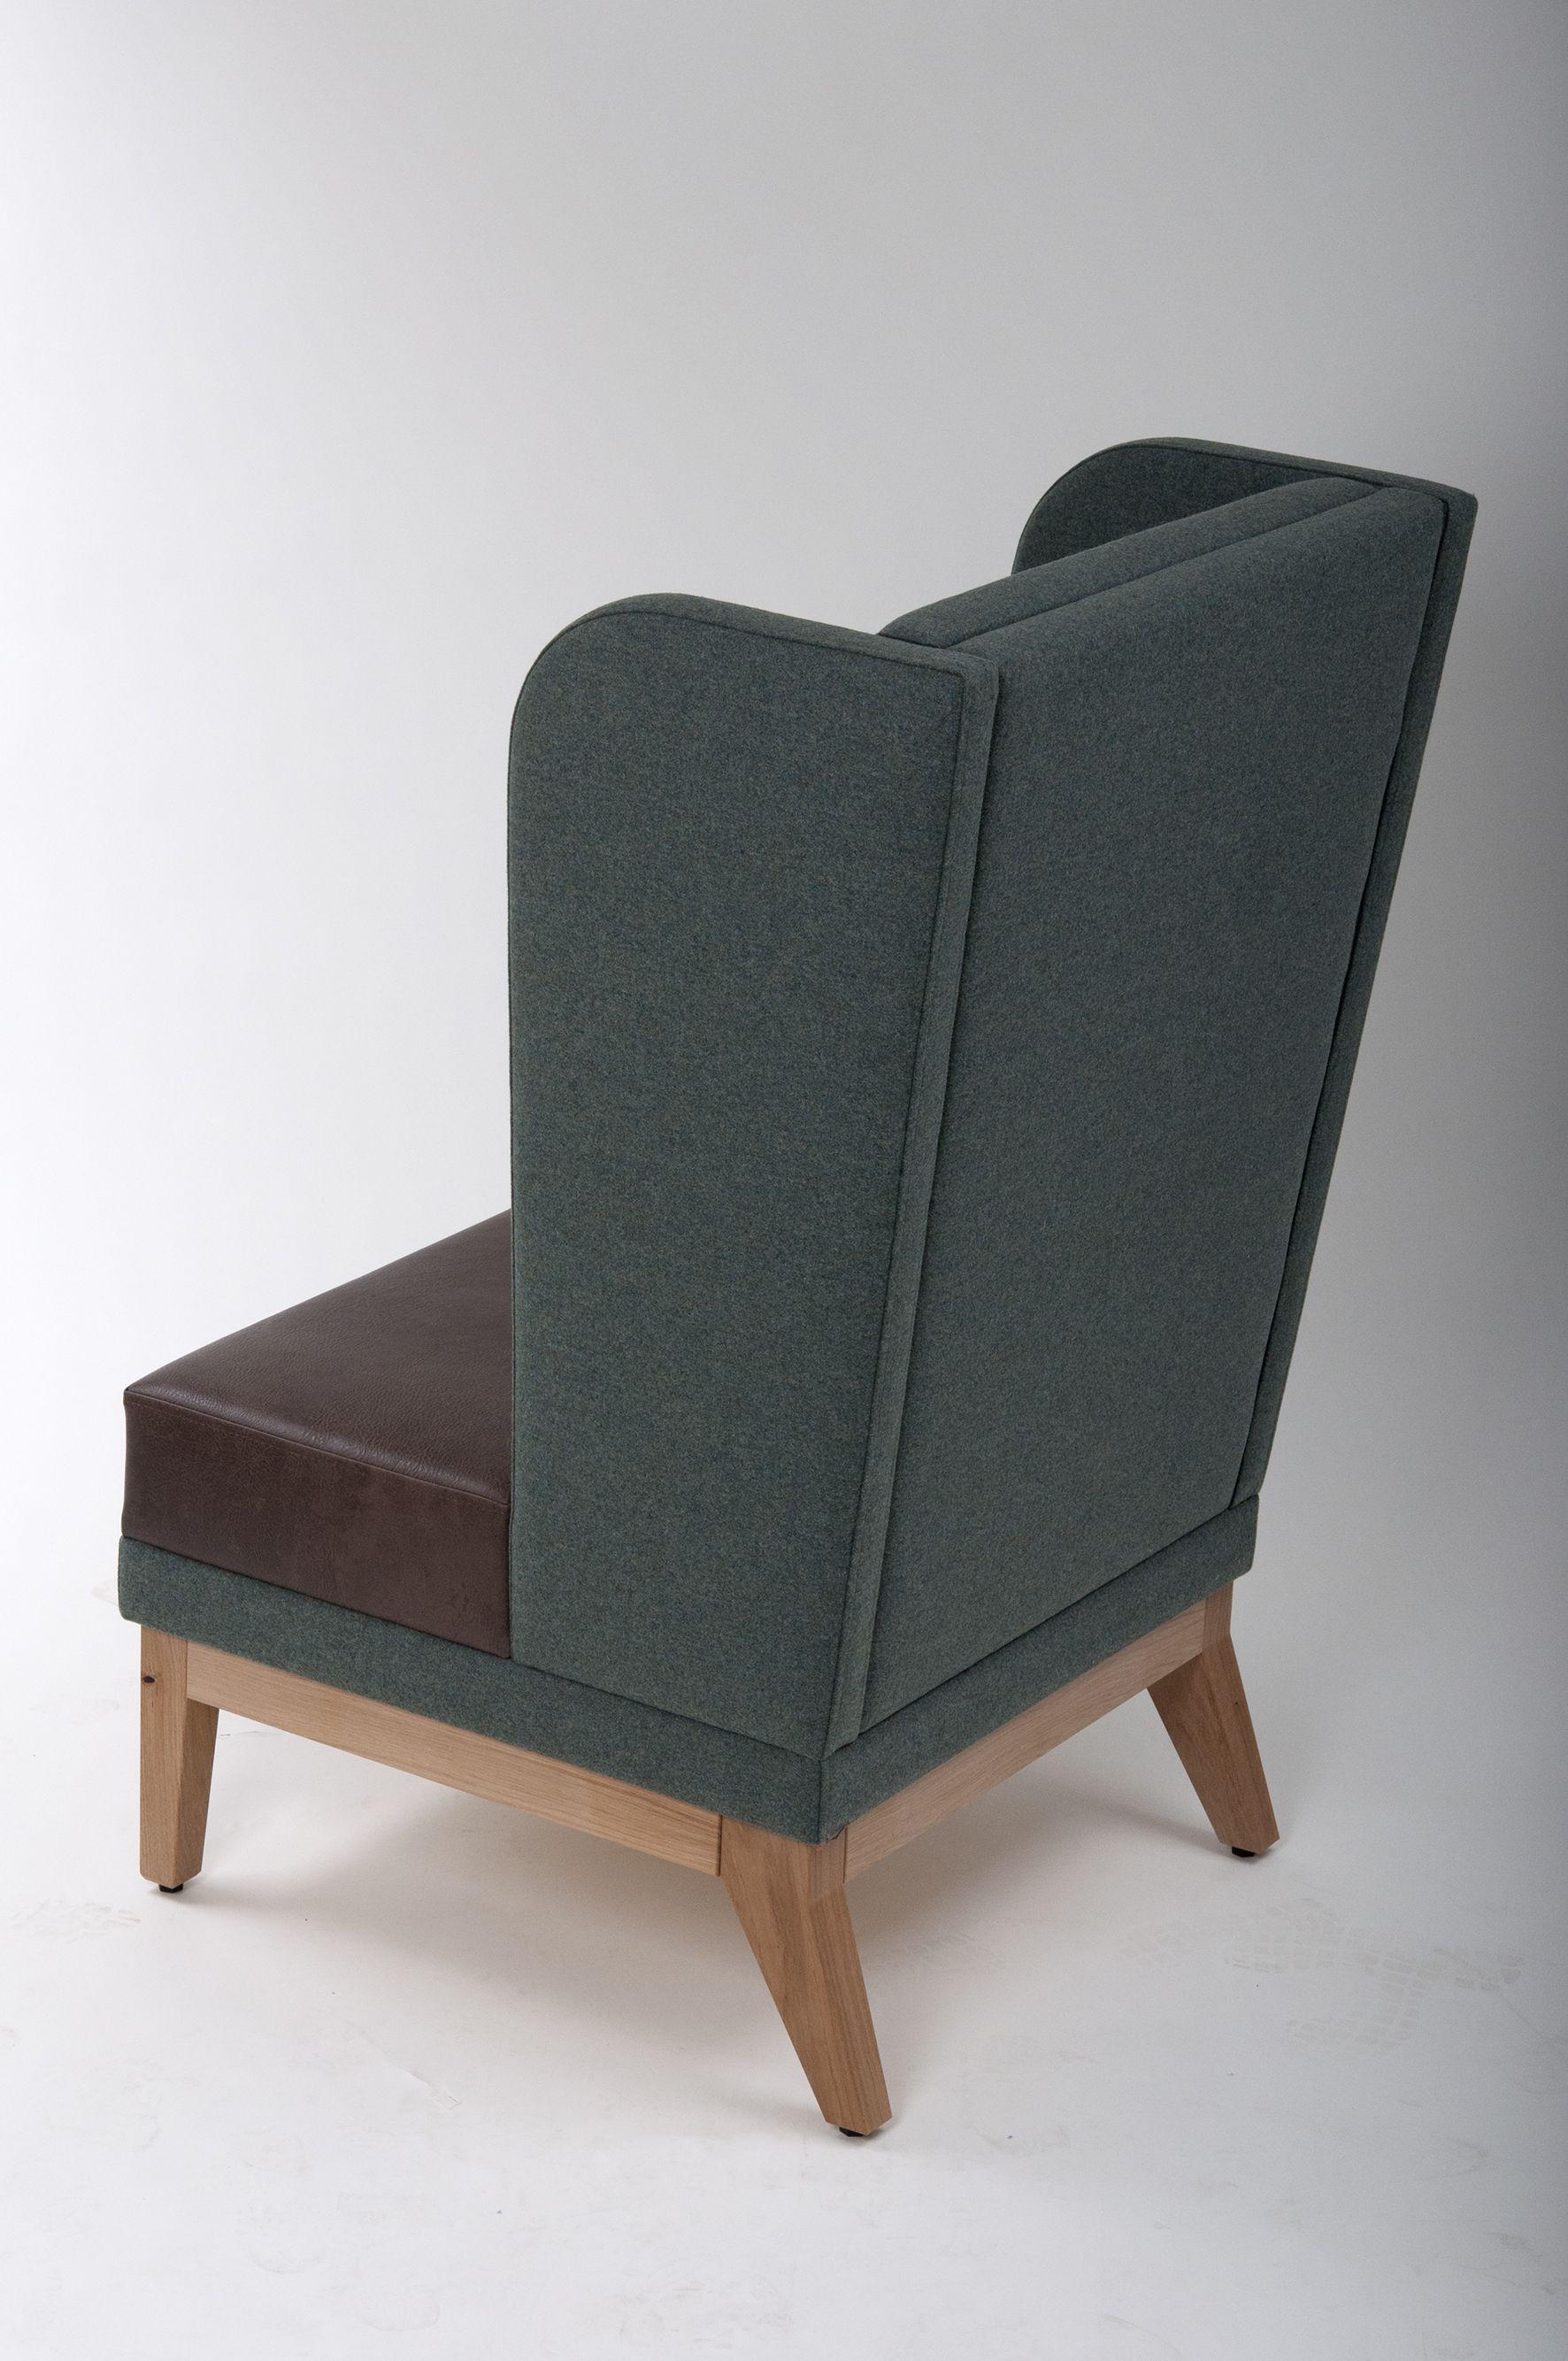 Ansprechend Schnieder Stuhlfabrik Referenz Von Unser Ohrensessel Modell 40921 Lädt Zum Entspannen